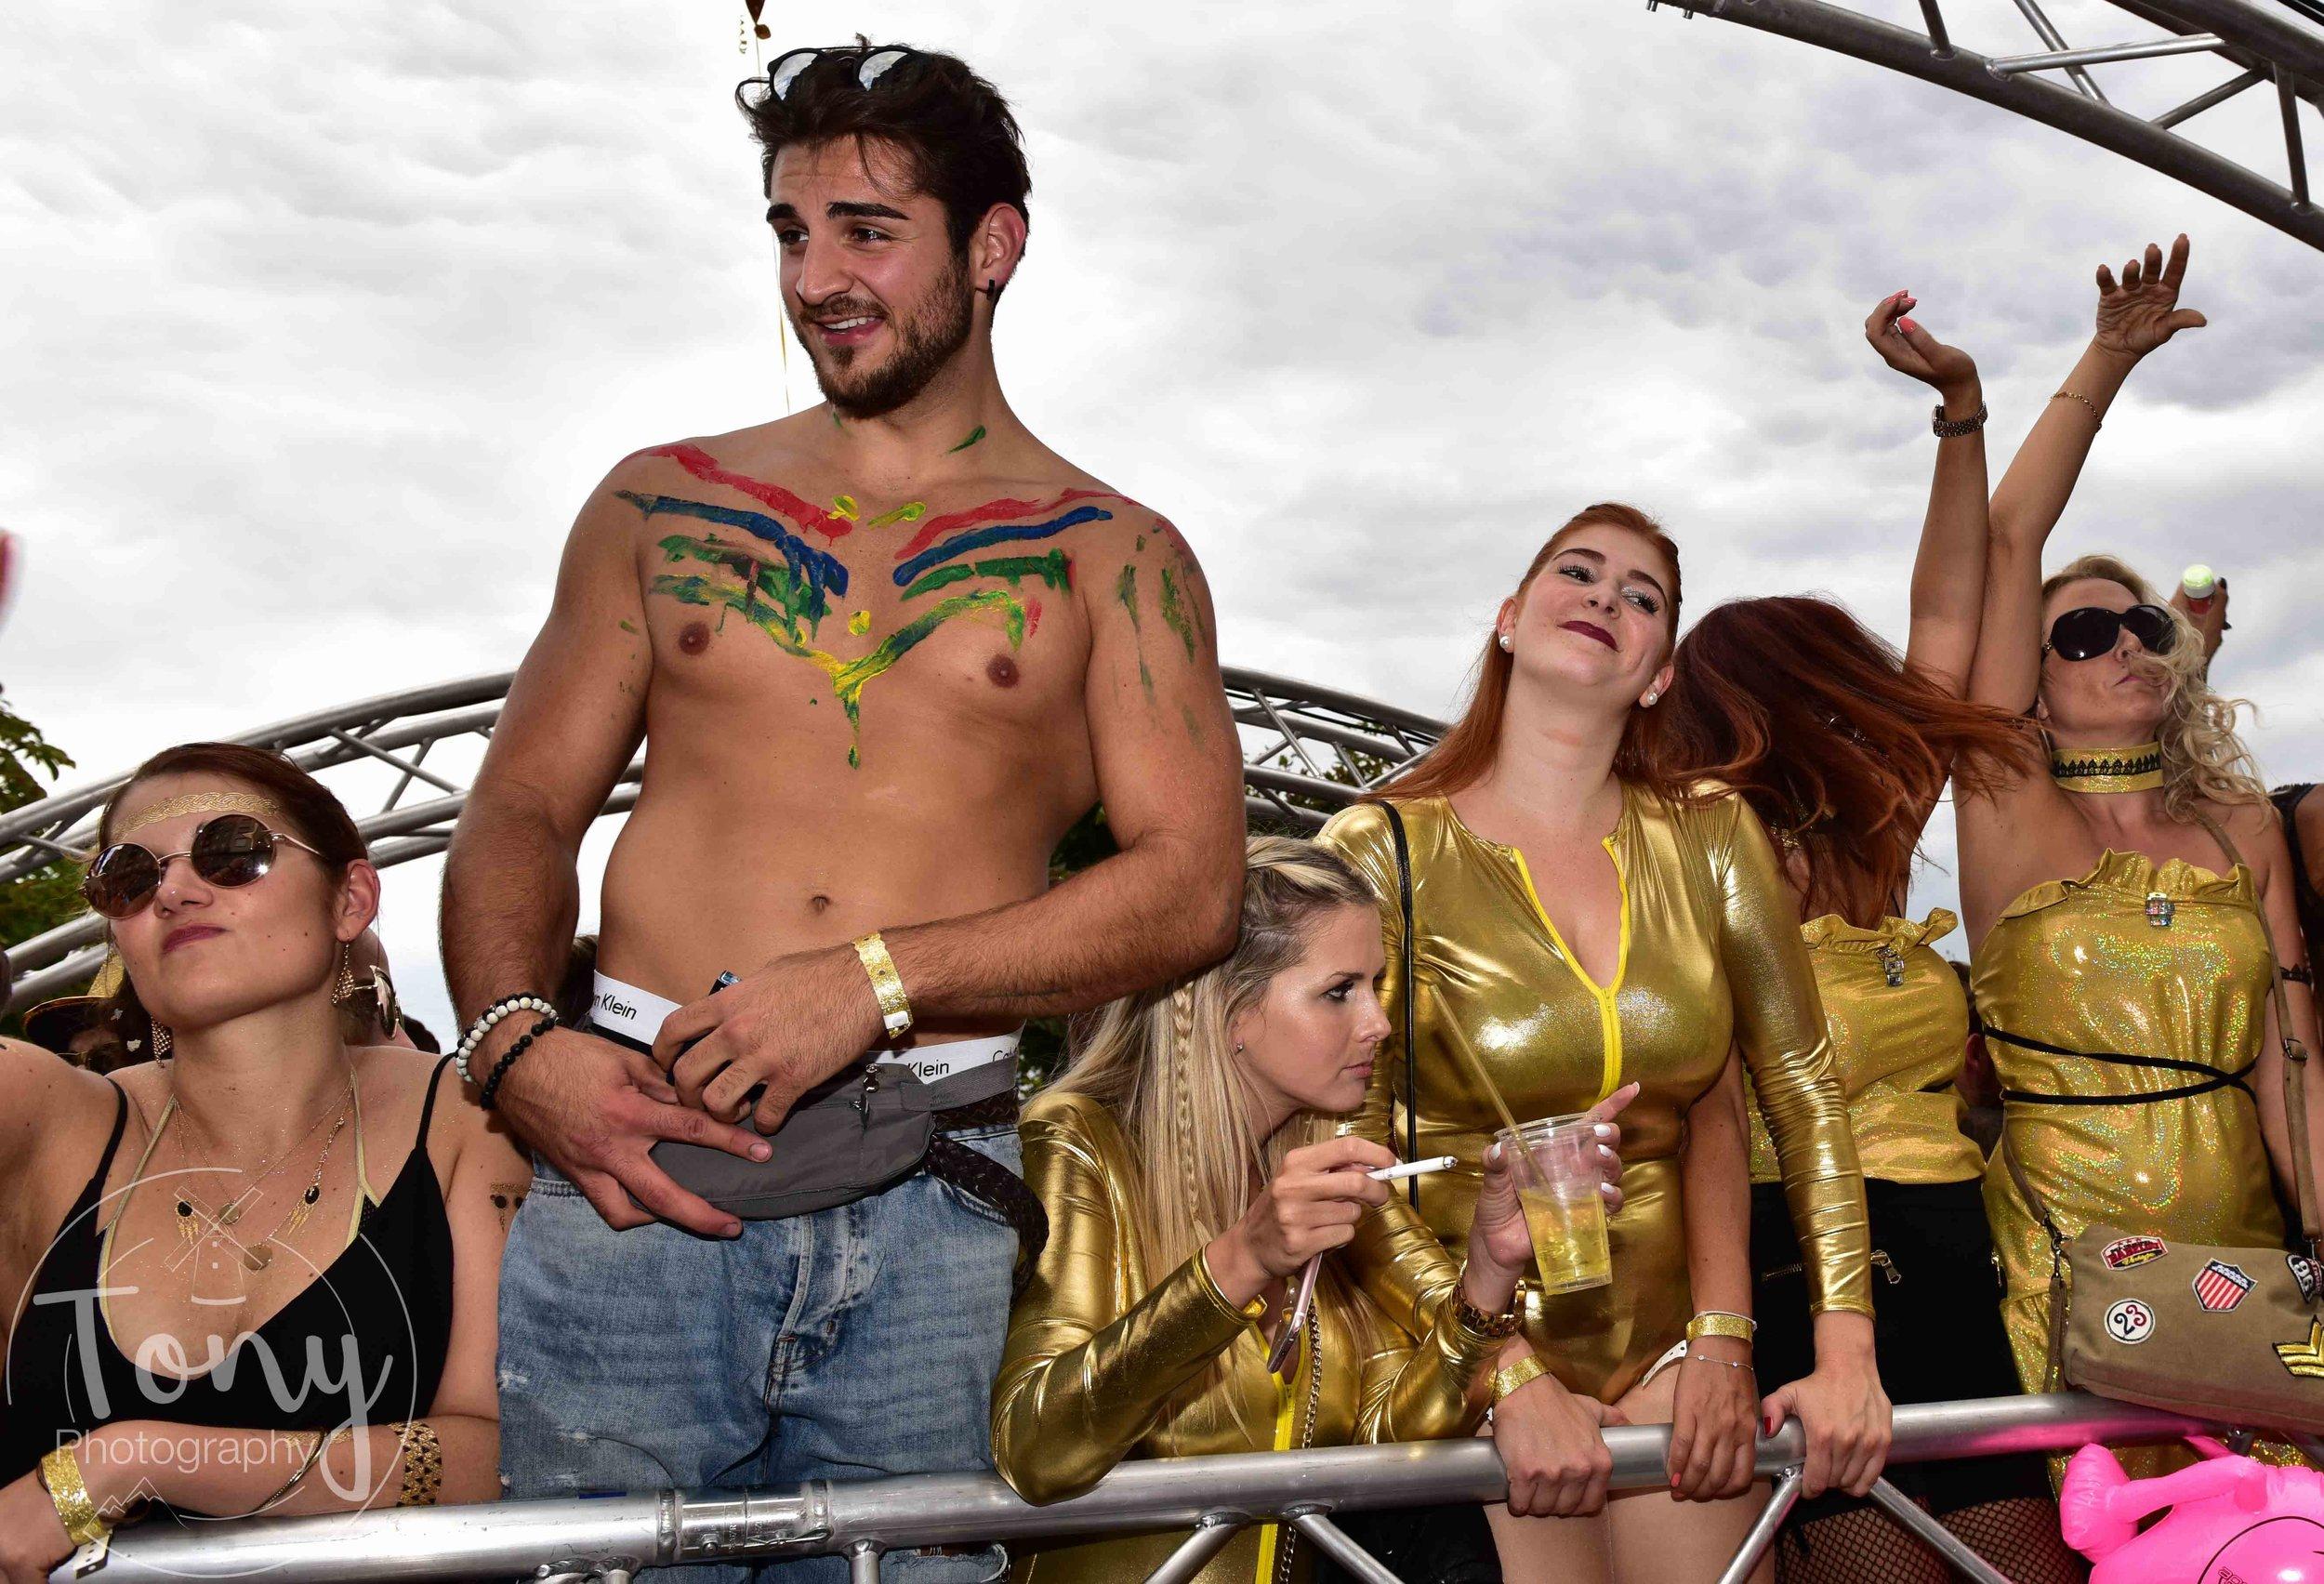 streetparade-205.jpg